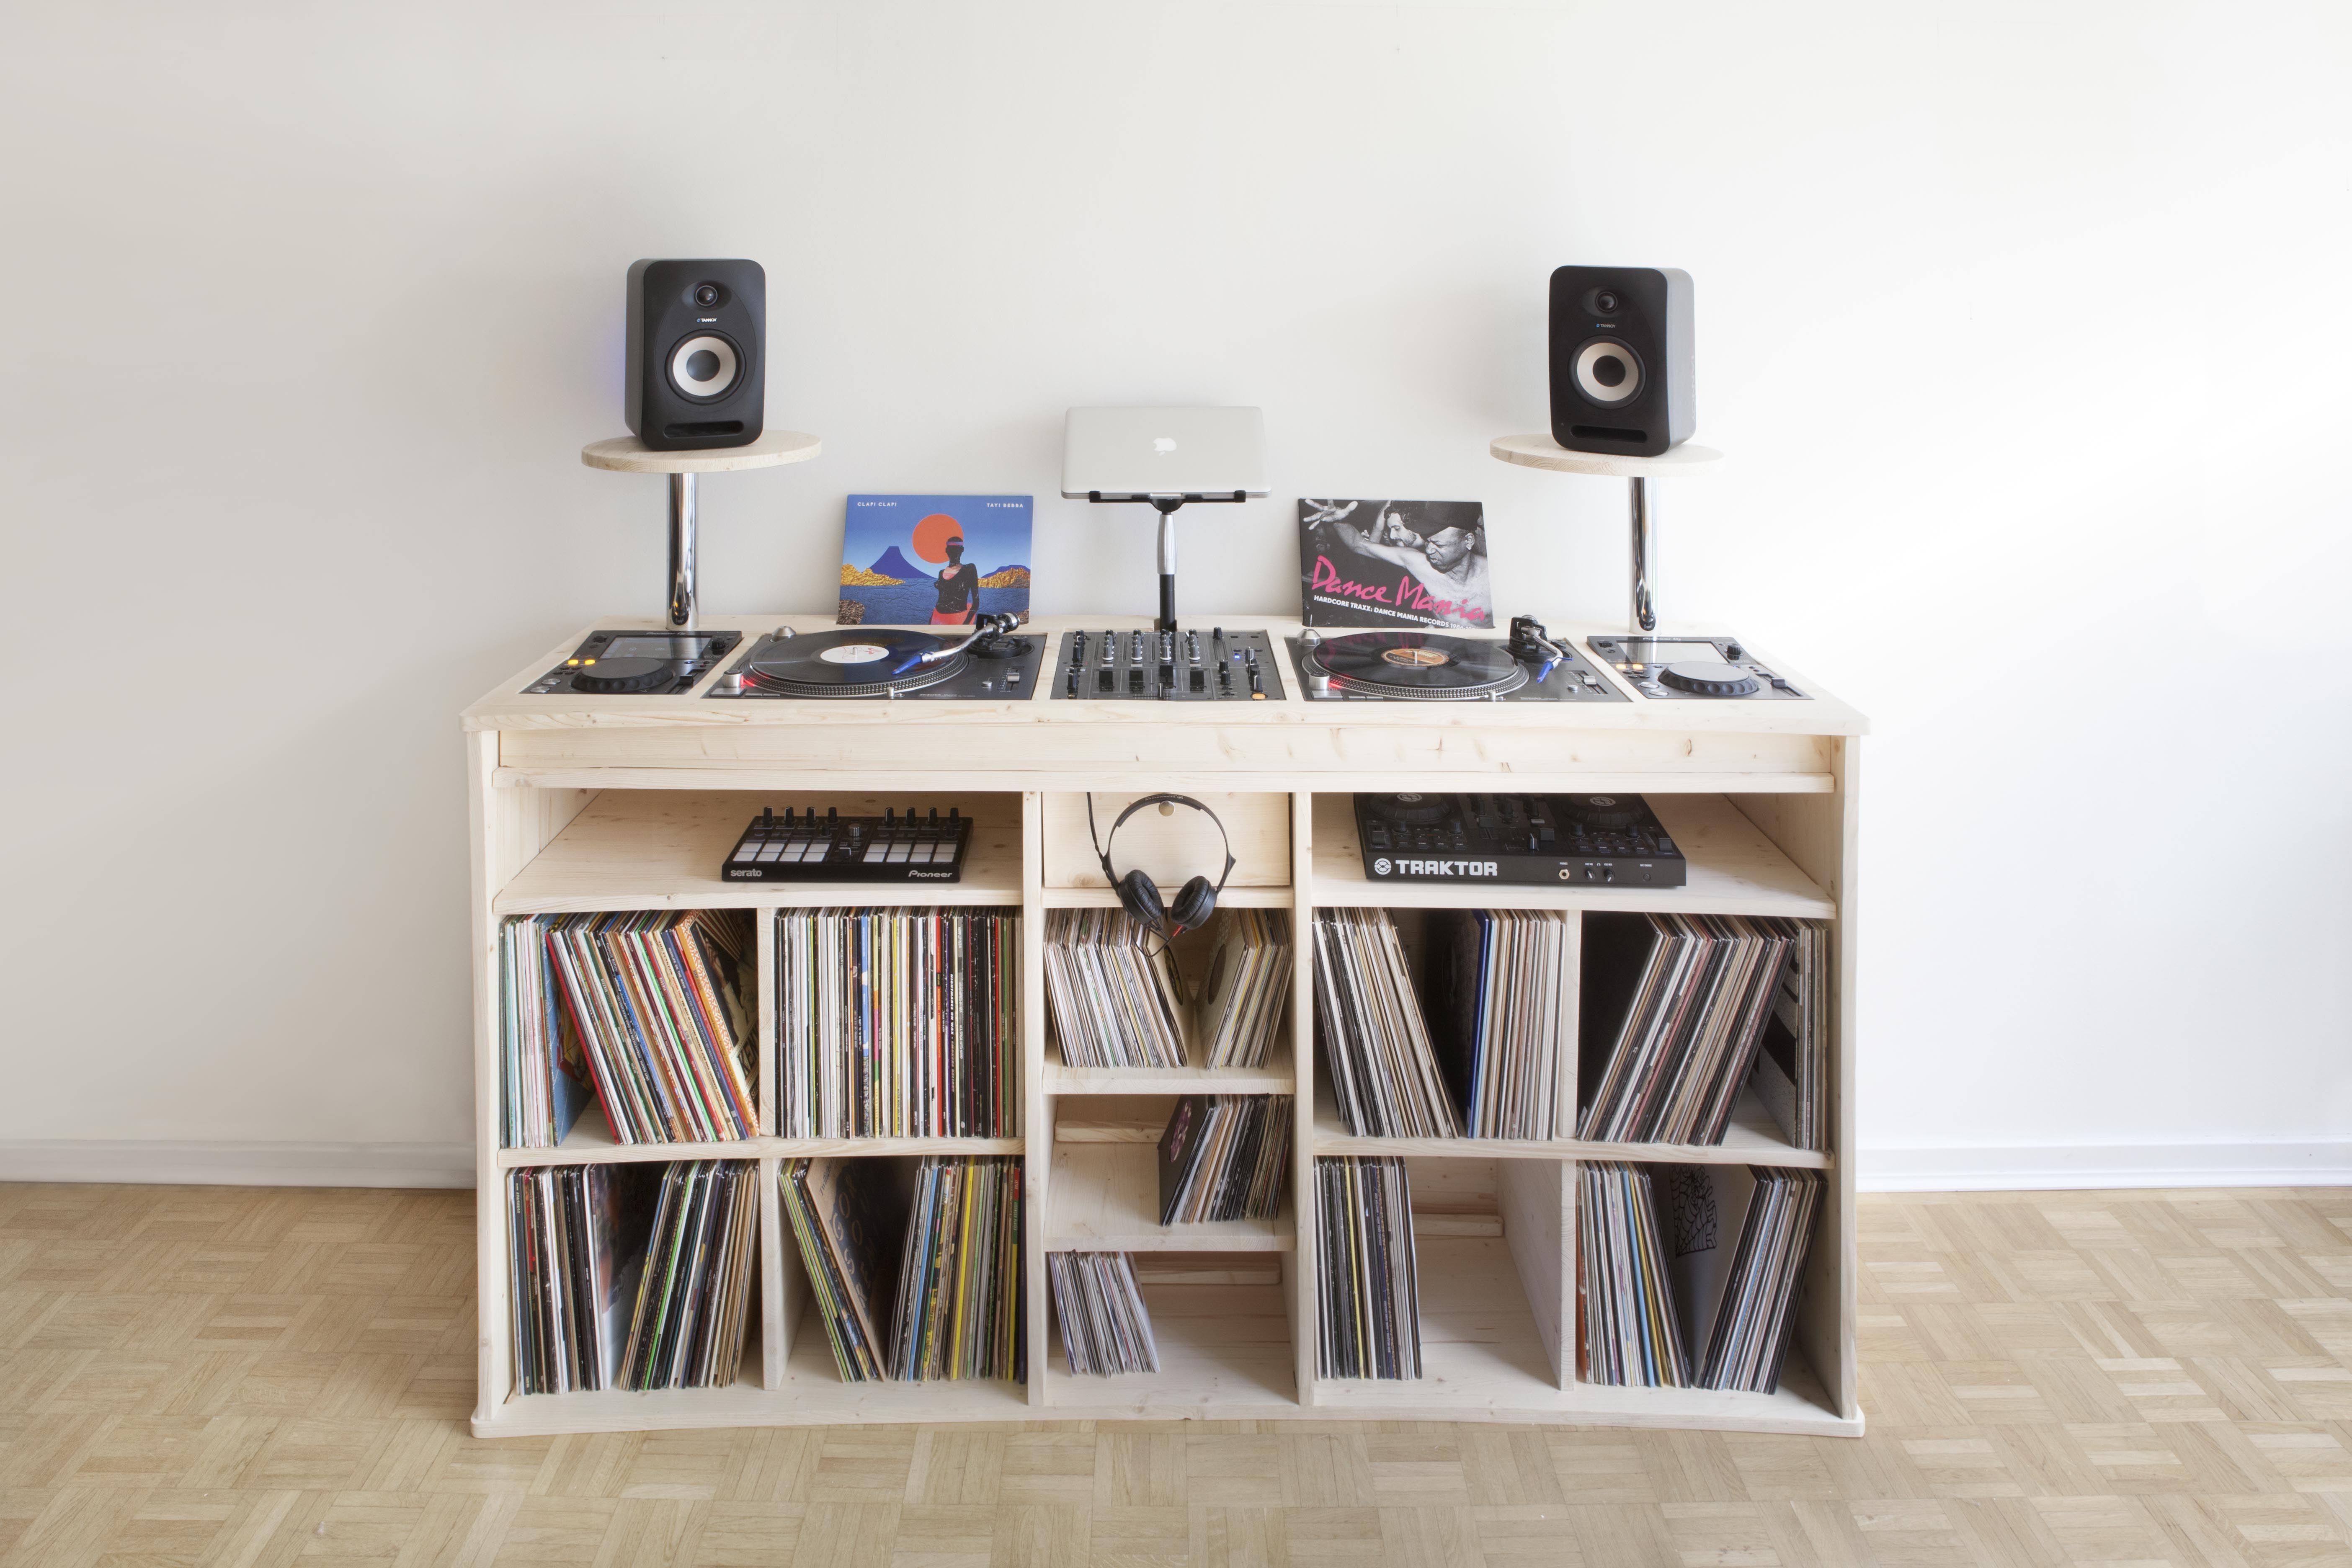 premier meuble made in estis pour les dj et professionnels de la musique dj set up. Black Bedroom Furniture Sets. Home Design Ideas